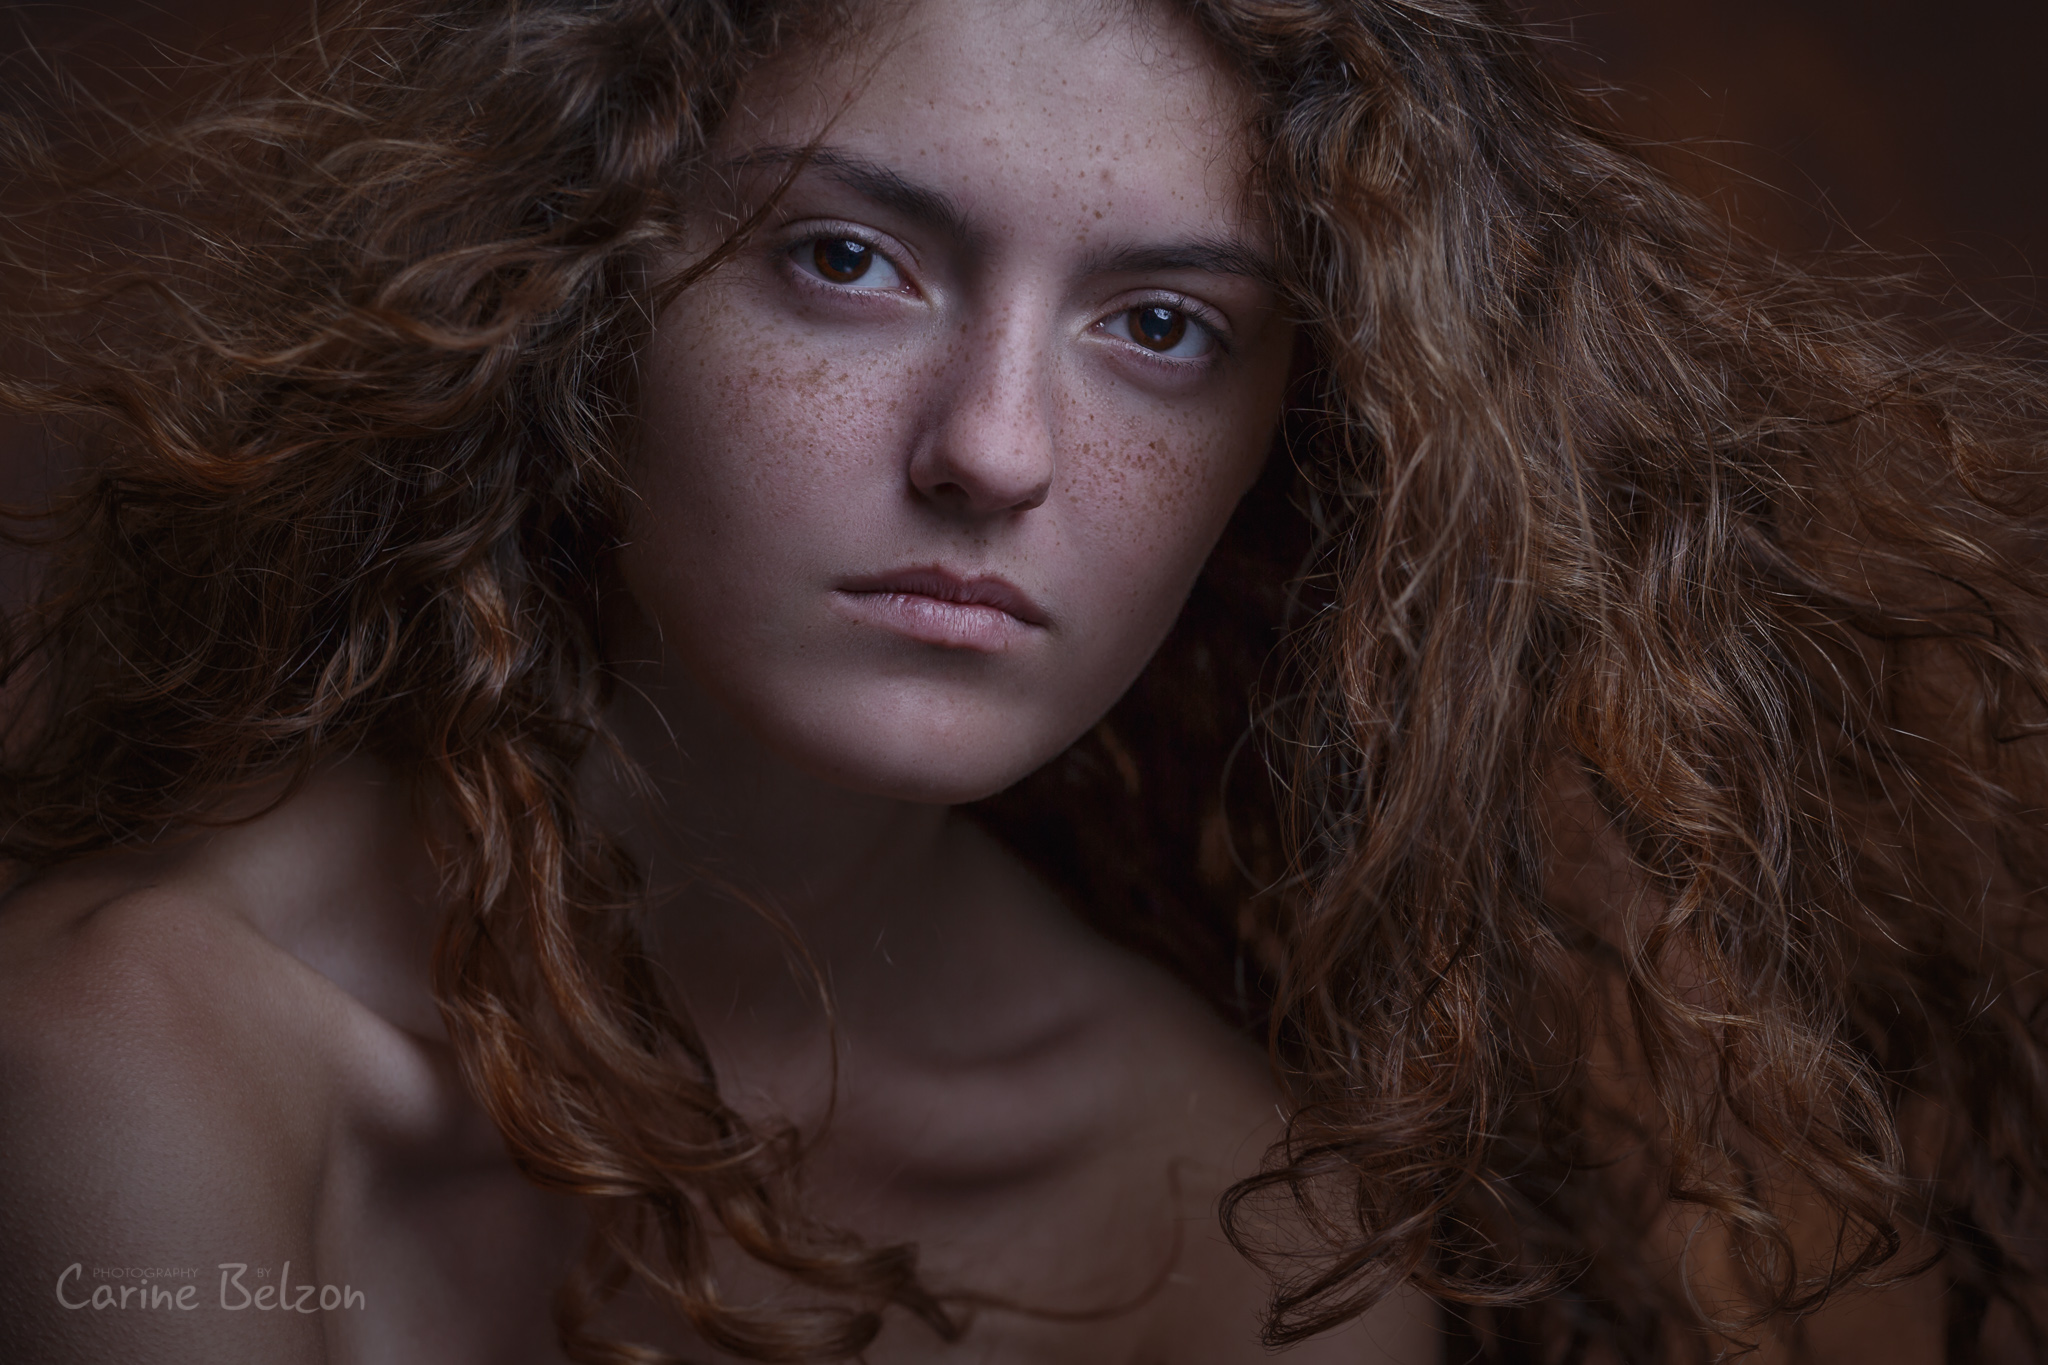 Auteursrecht - Carine Belzon | Fotograaf Friesland